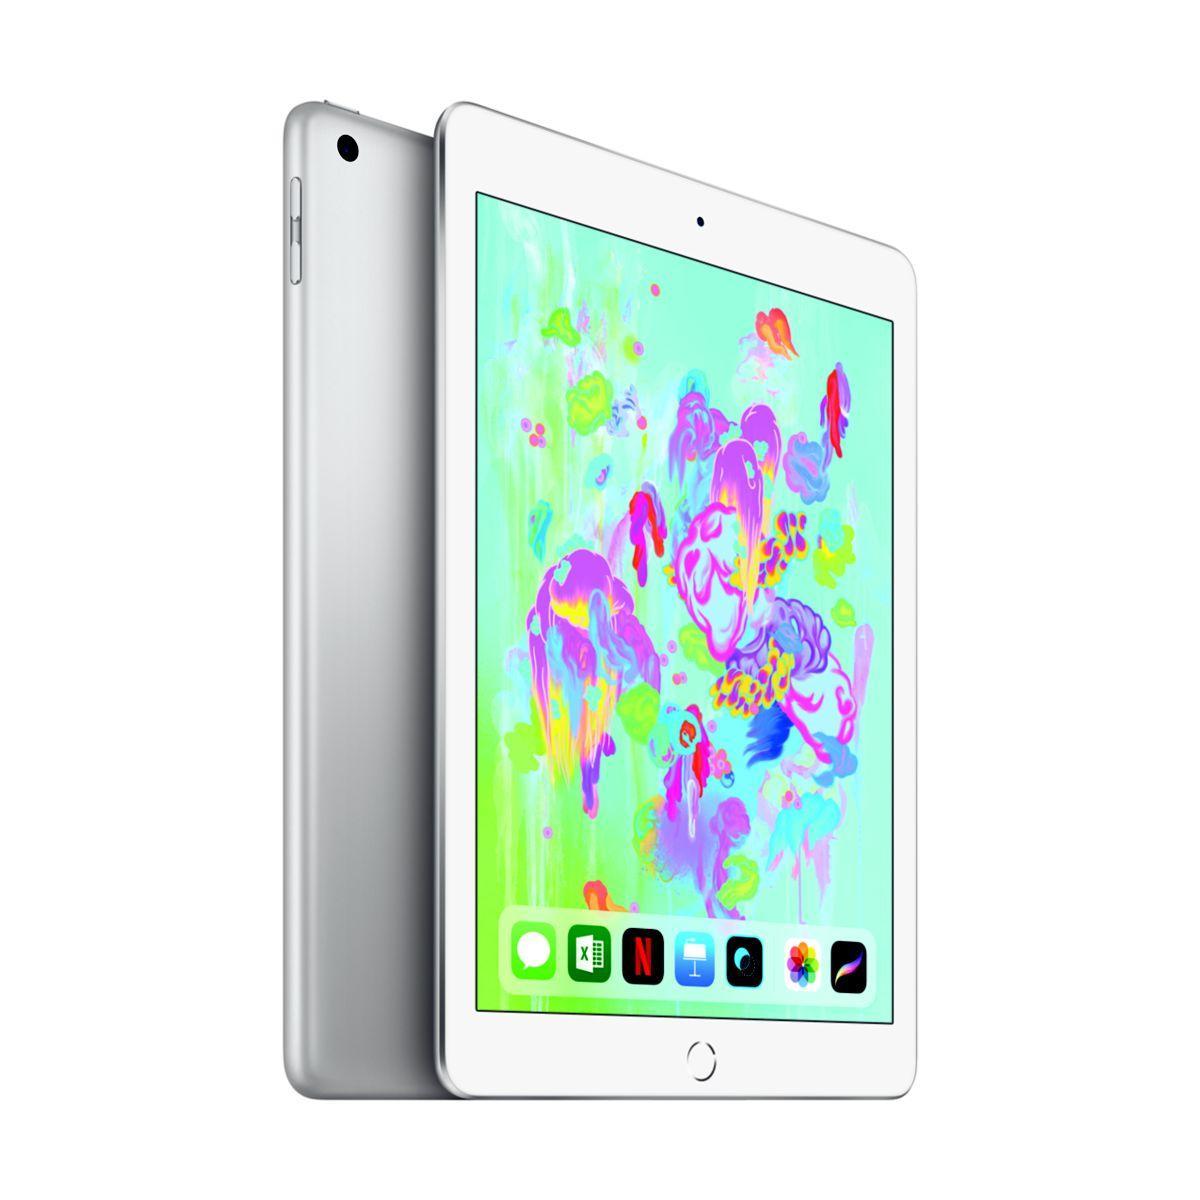 Tablette apple ipad new 128go cell argent - livraison offerte : code livrelais (photo)